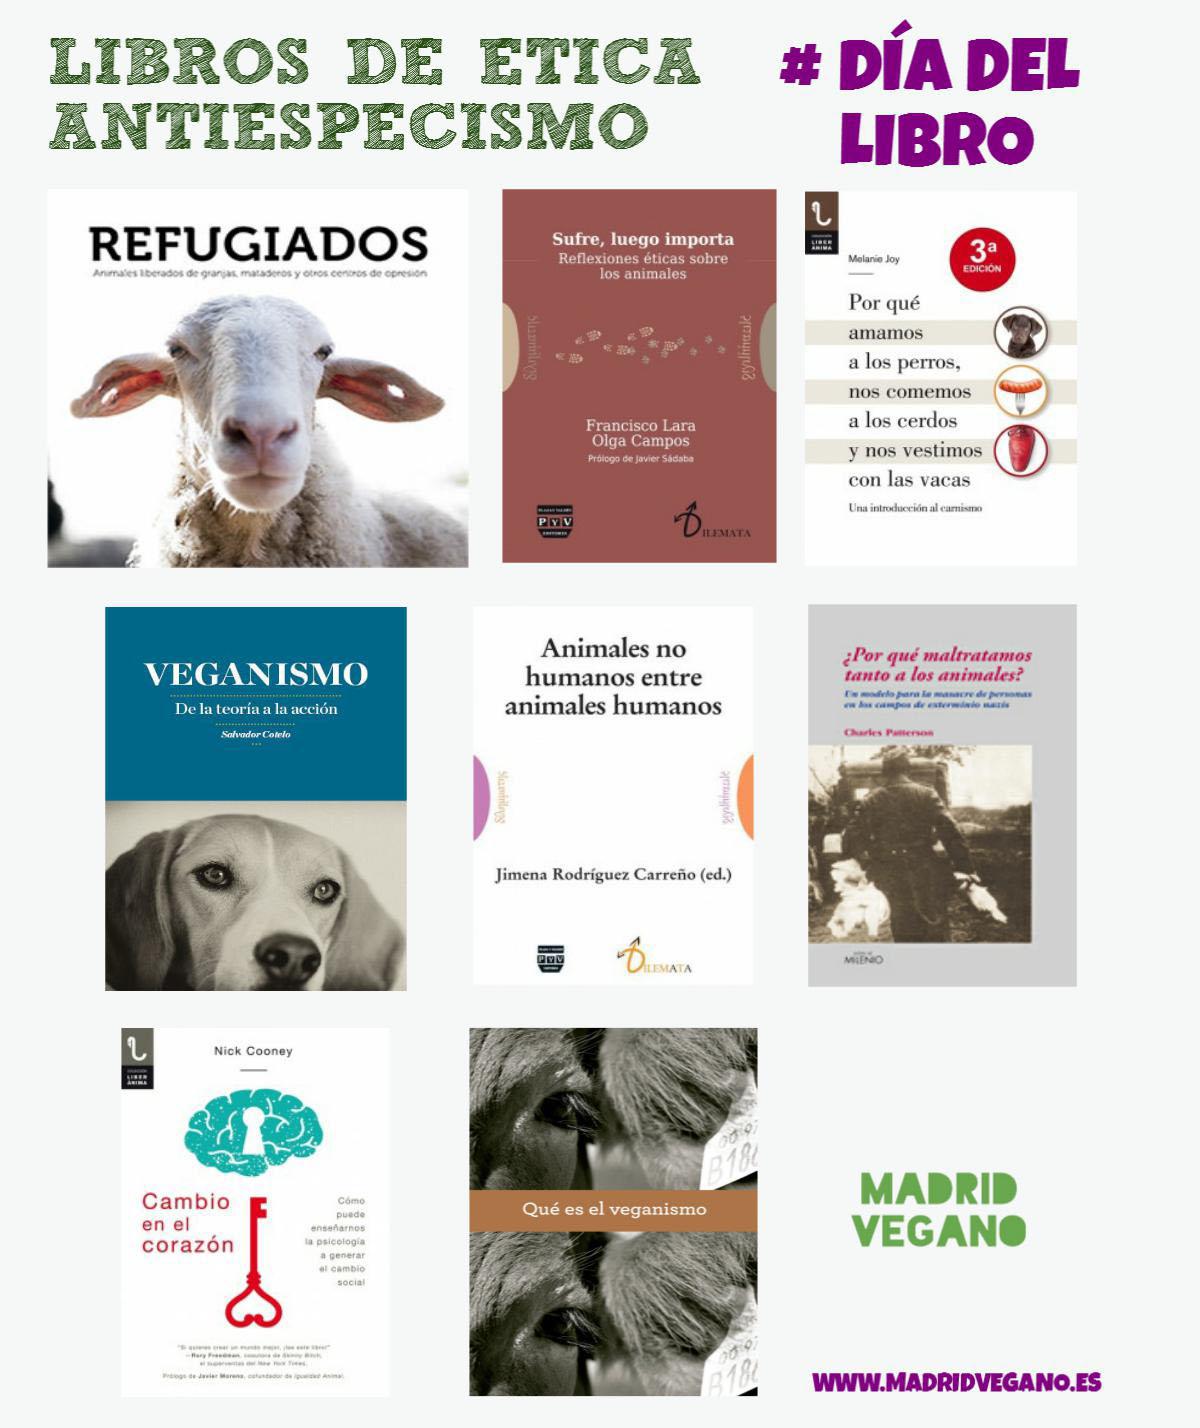 Libros de ética / antiespecismo para el Día del Libro